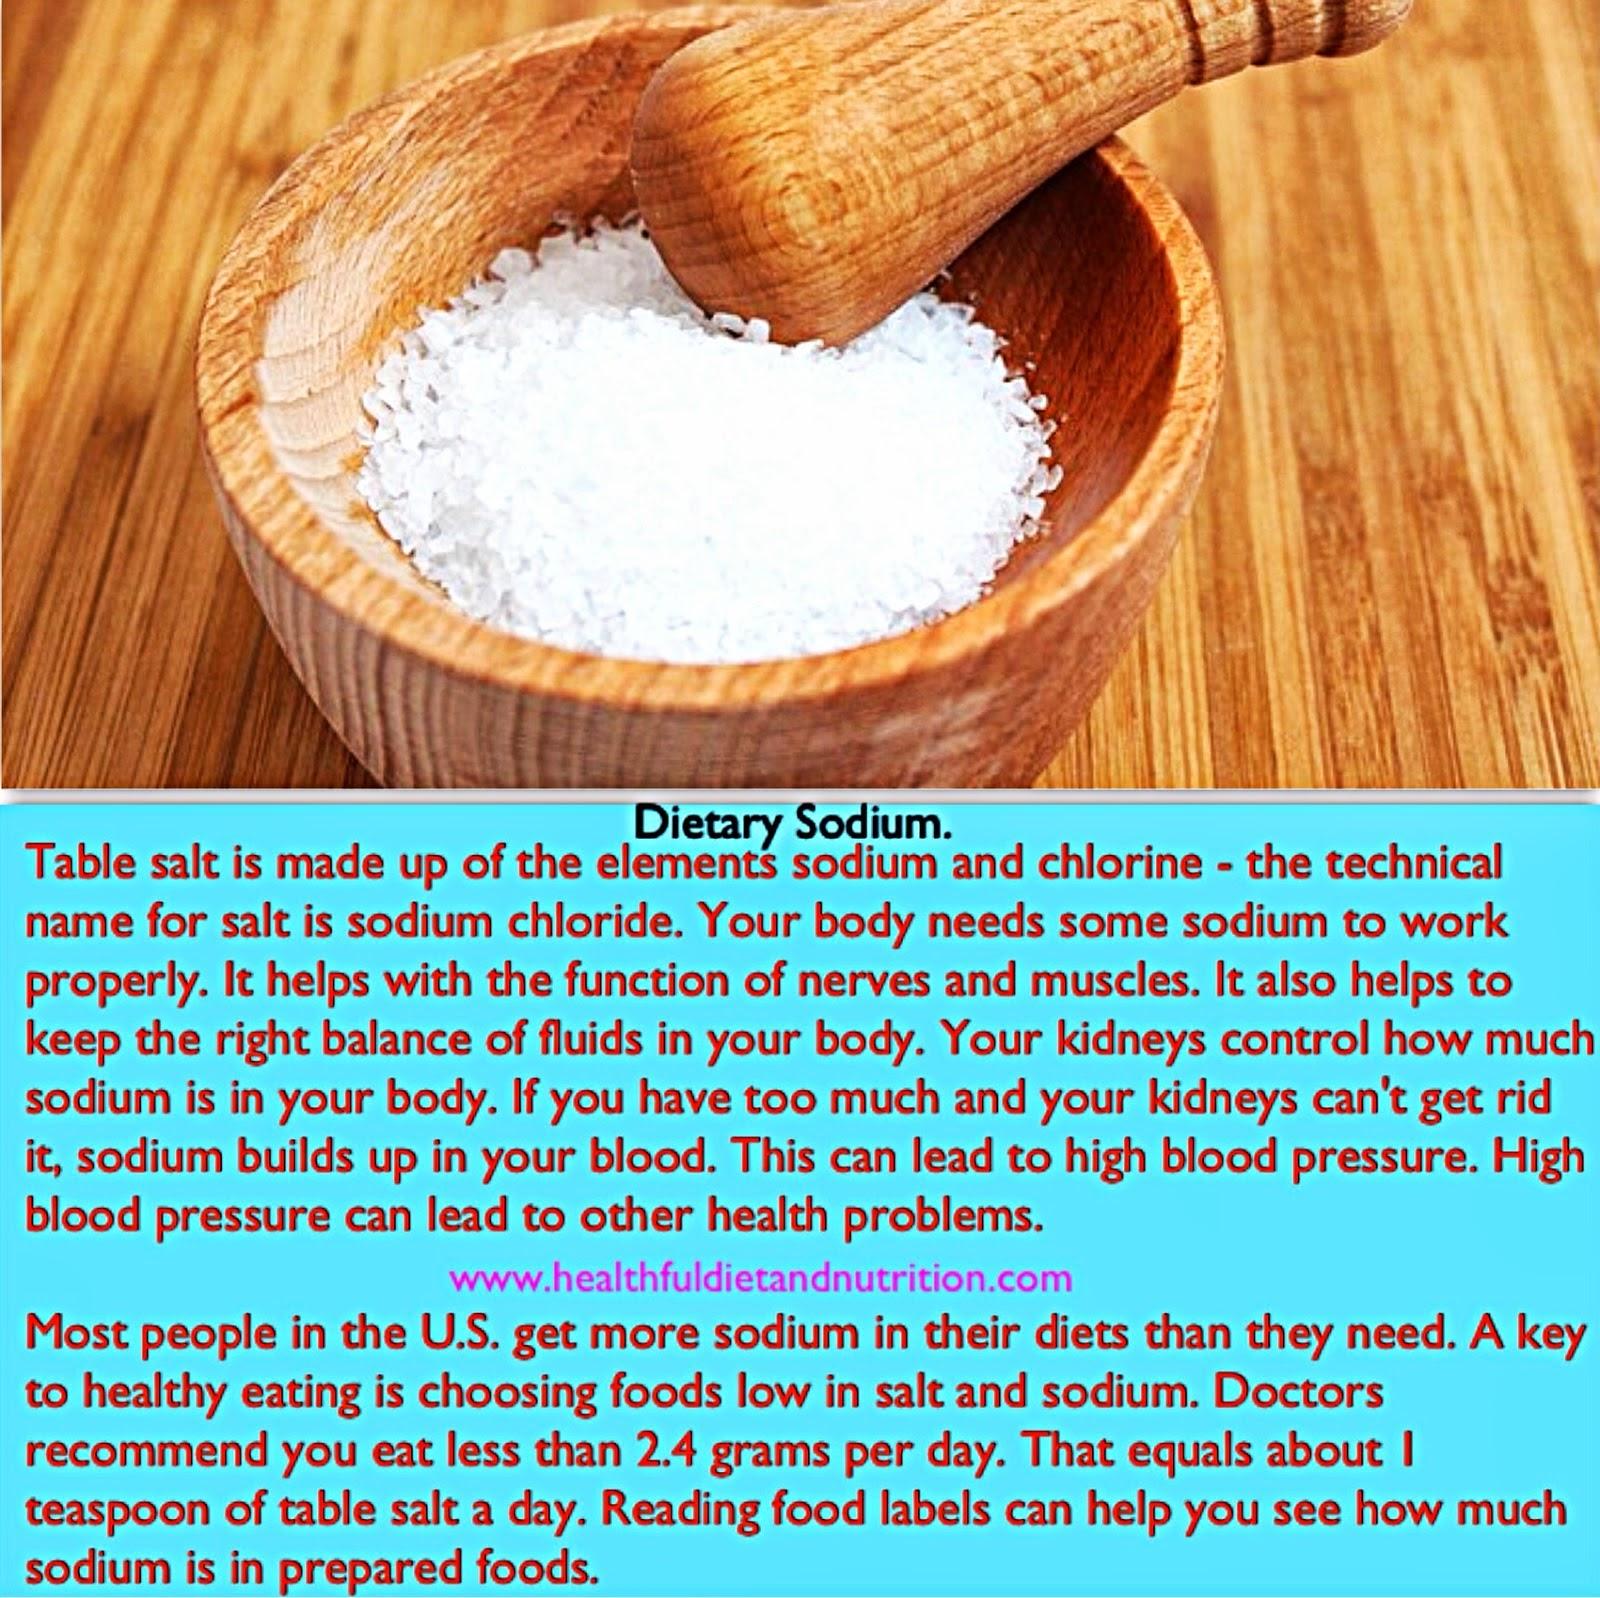 Dietary Sodium Benefits